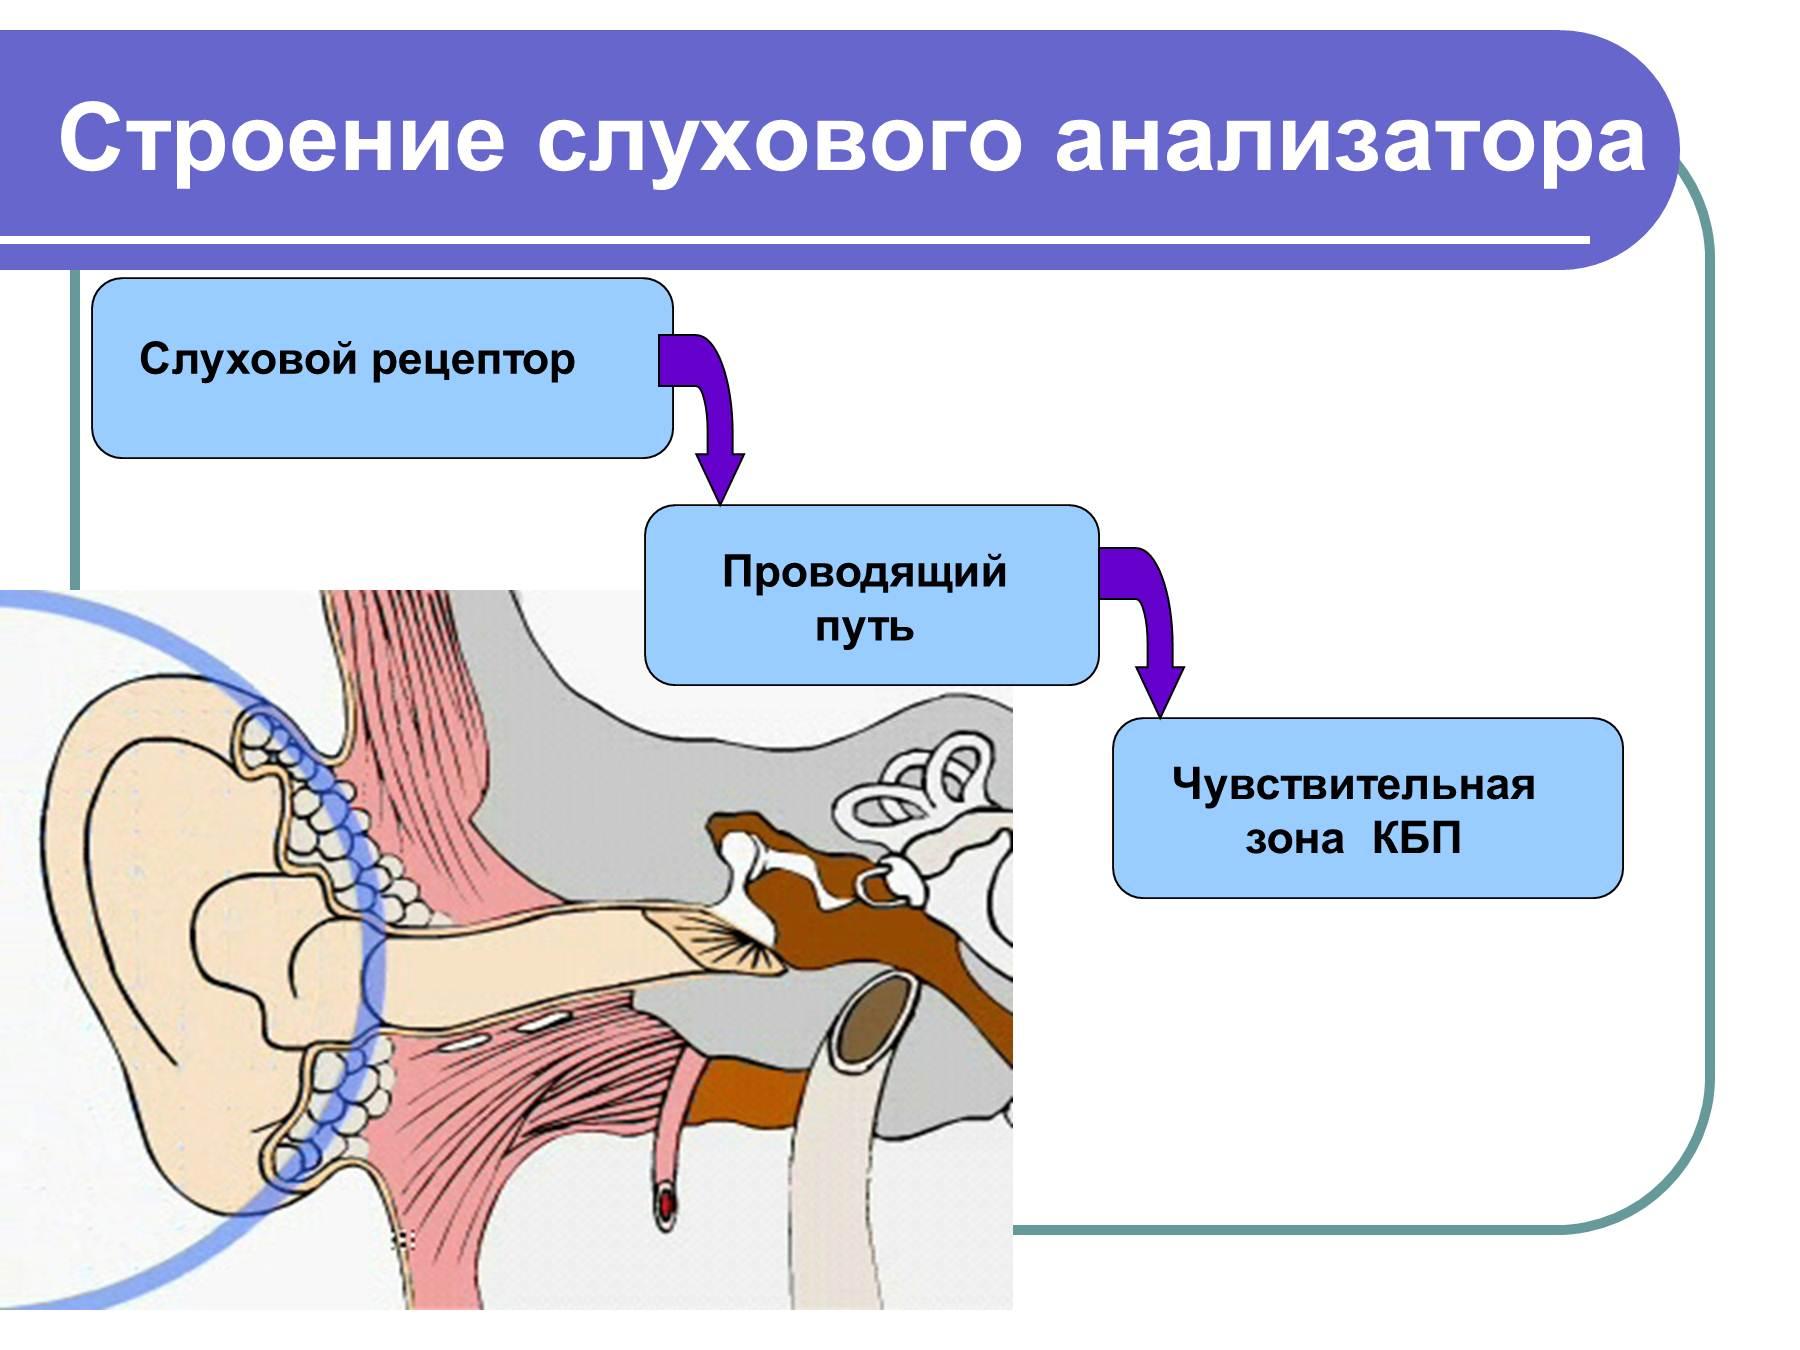 Схема проводящих путей слуховой сенсорной системы